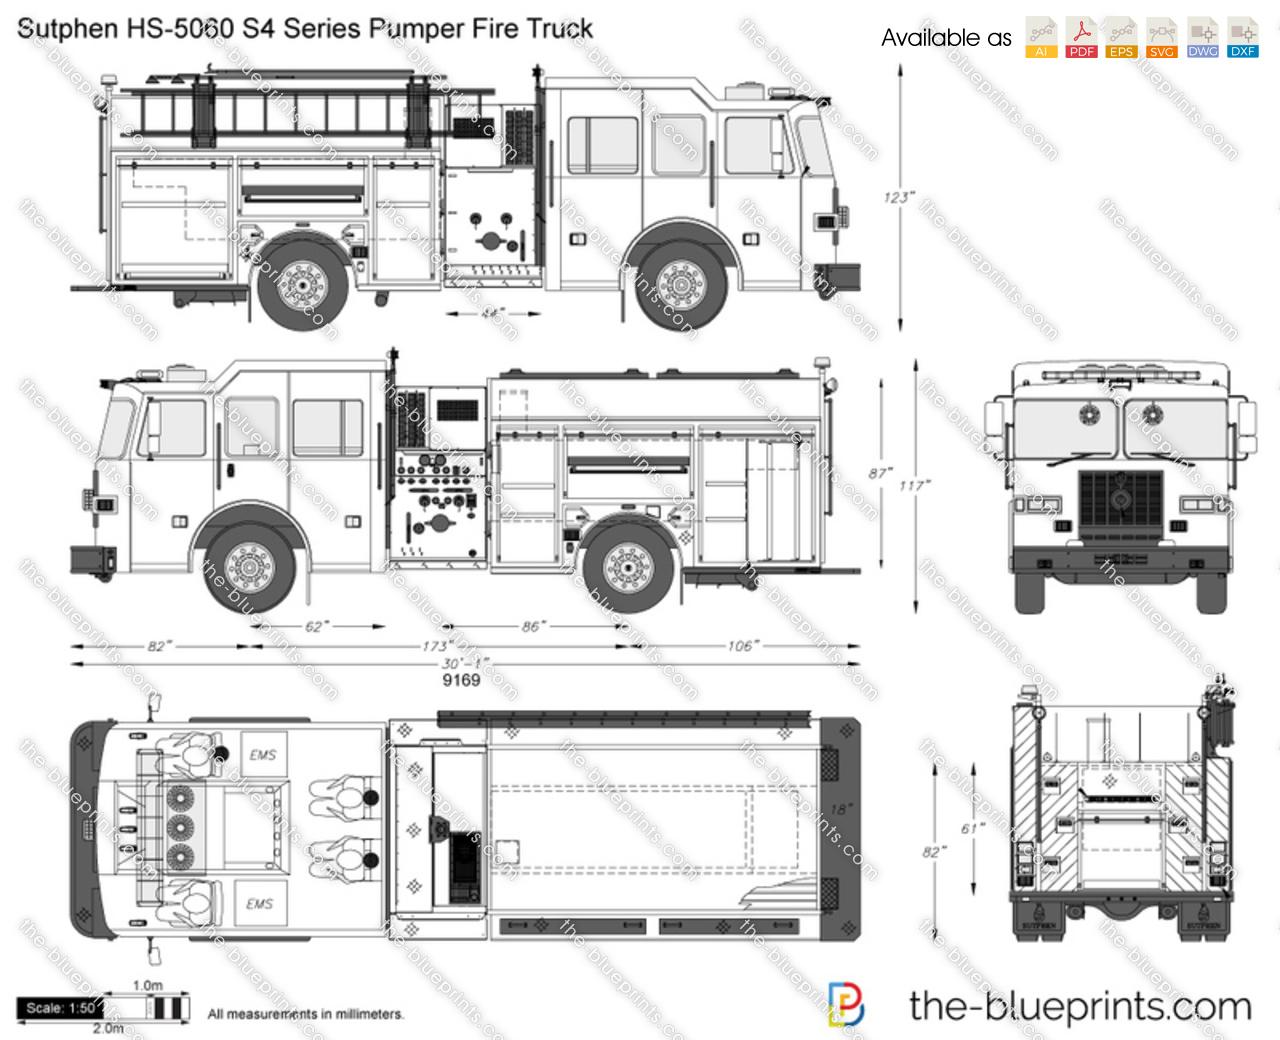 Sutphen HS-5060 S4 Series Pumper Fire Truck